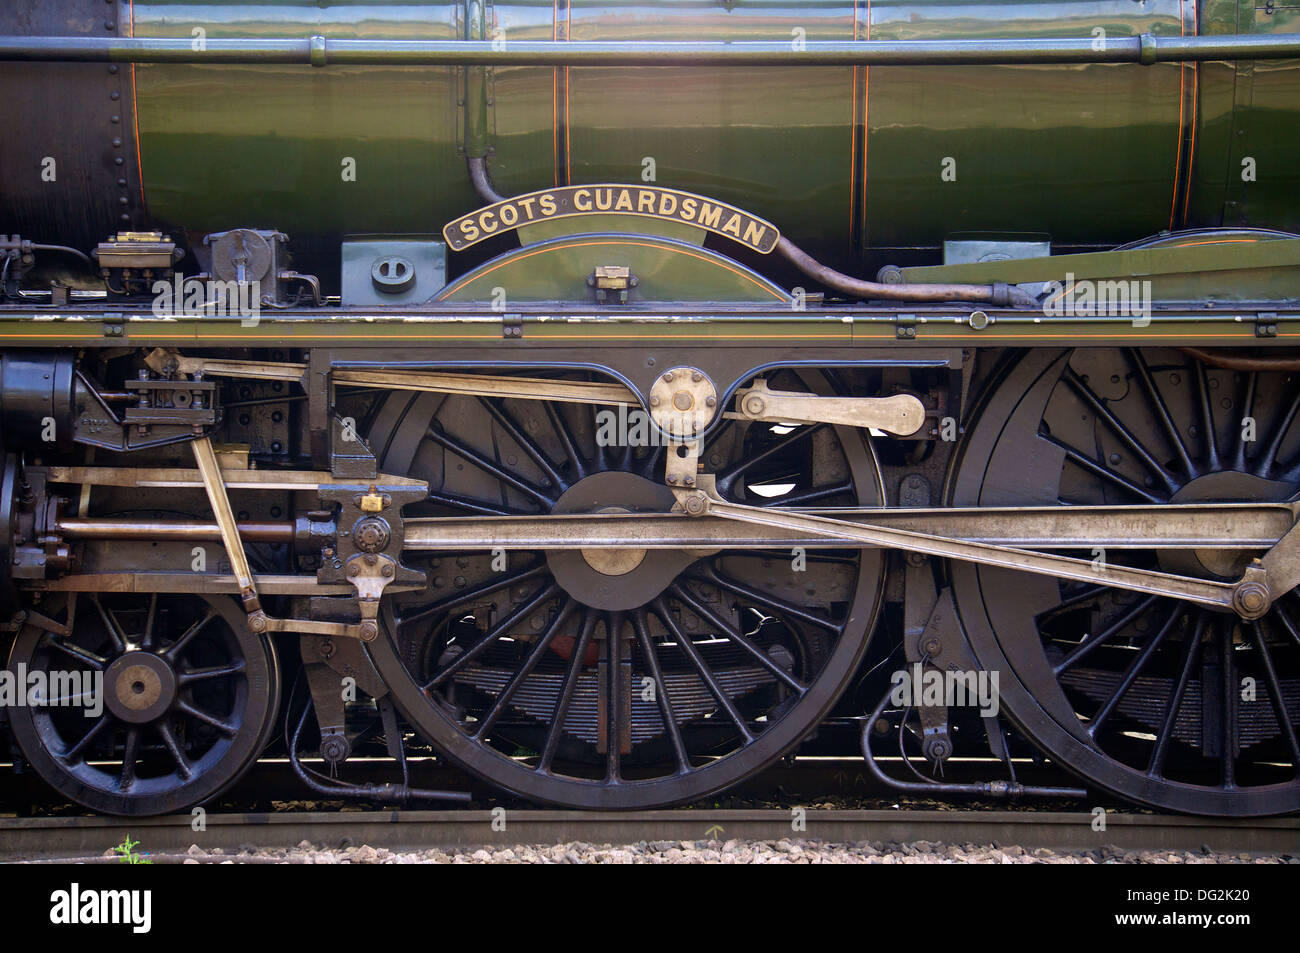 """""""Guardsman culle """" targhetta del nome e delle ruote. Carlisle stazione ferroviaria con una carta speciale treno. Carlisle Cumbria Inghilterra. Immagini Stock"""